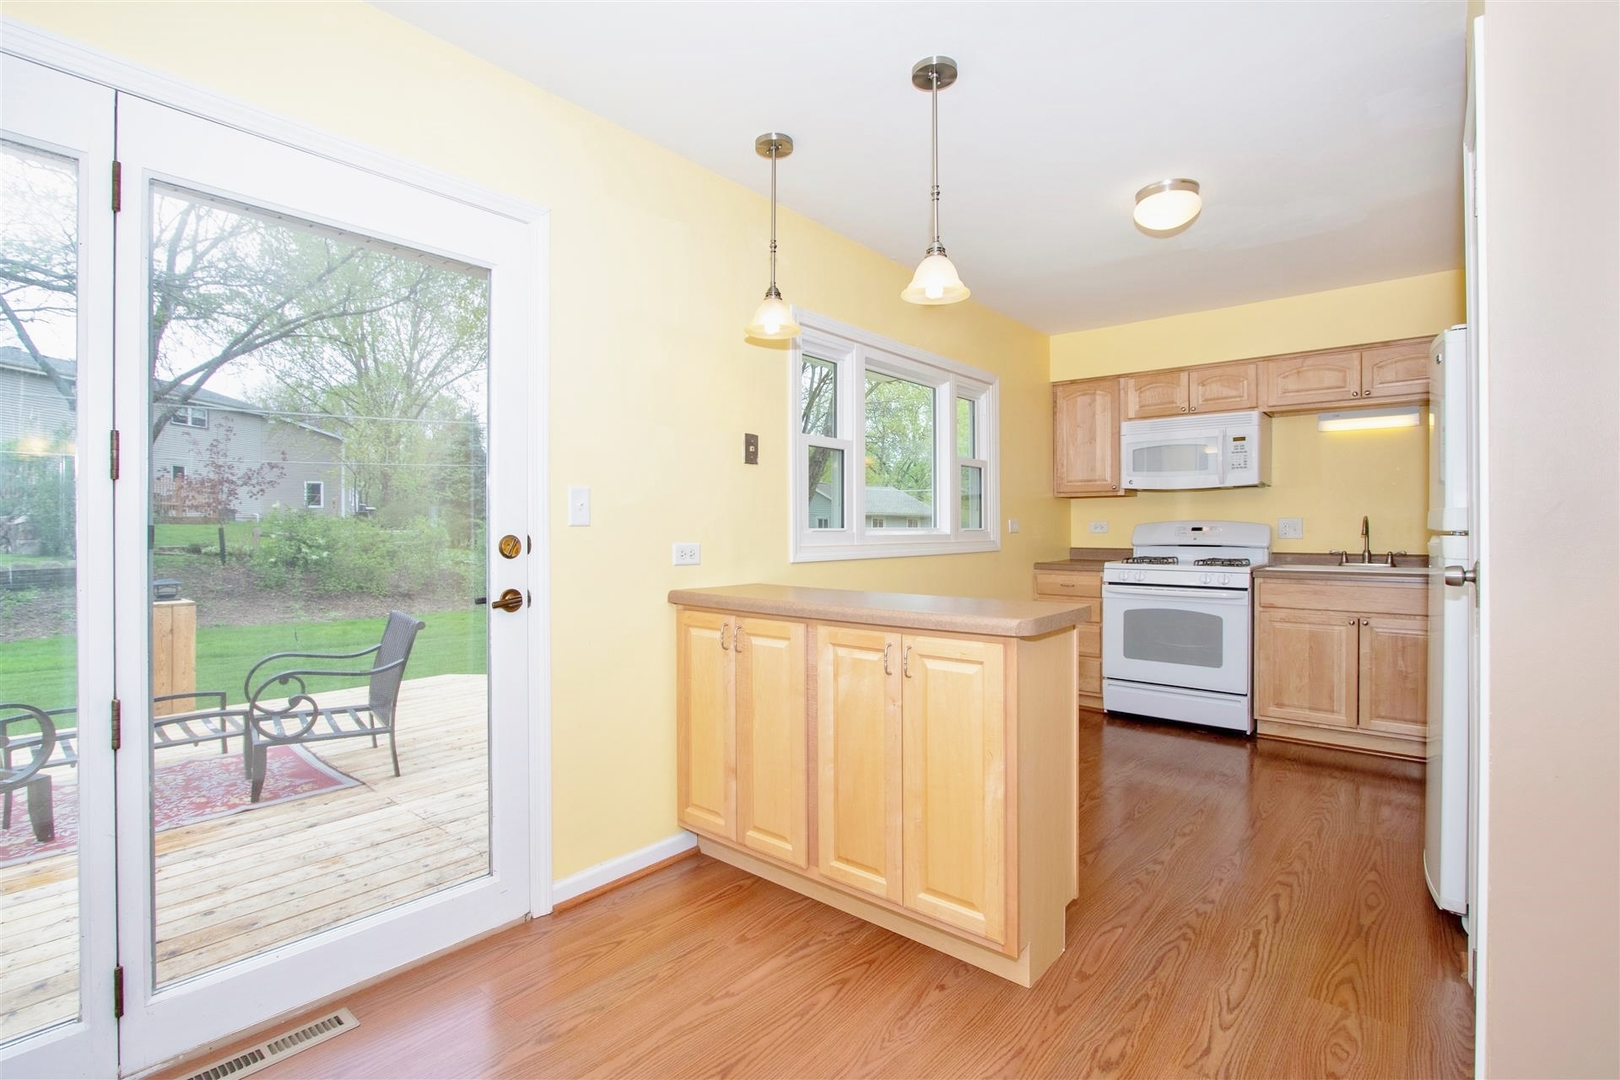 844 BROOKSIDE, BARTLETT, Illinois, 60103